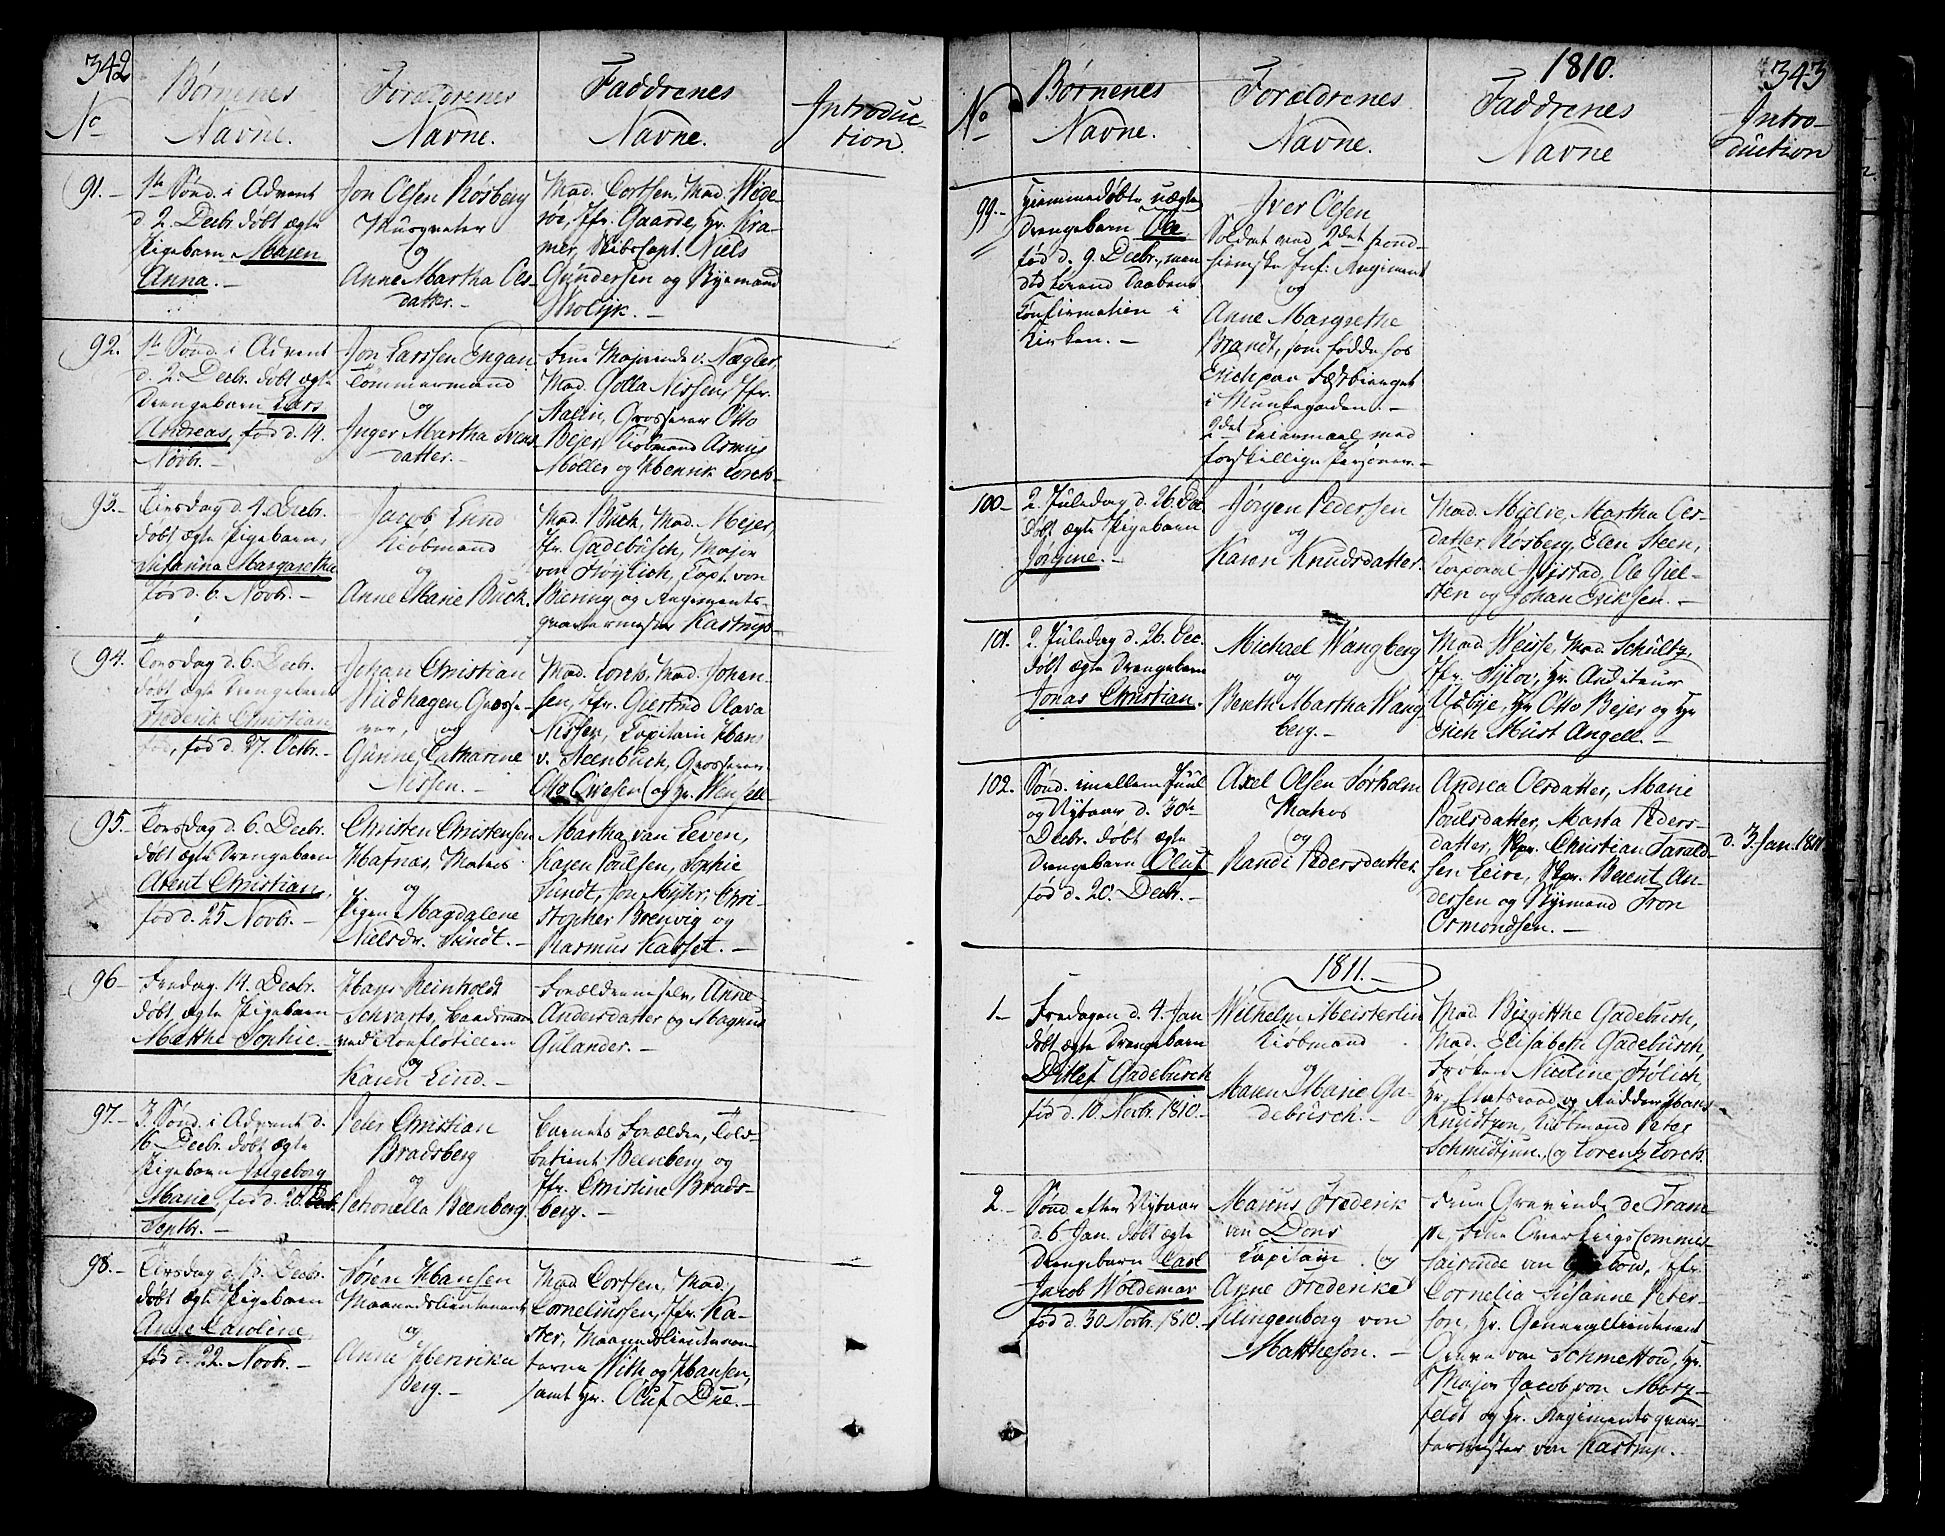 SAT, Ministerialprotokoller, klokkerbøker og fødselsregistre - Sør-Trøndelag, 602/L0104: Ministerialbok nr. 602A02, 1774-1814, s. 342-343